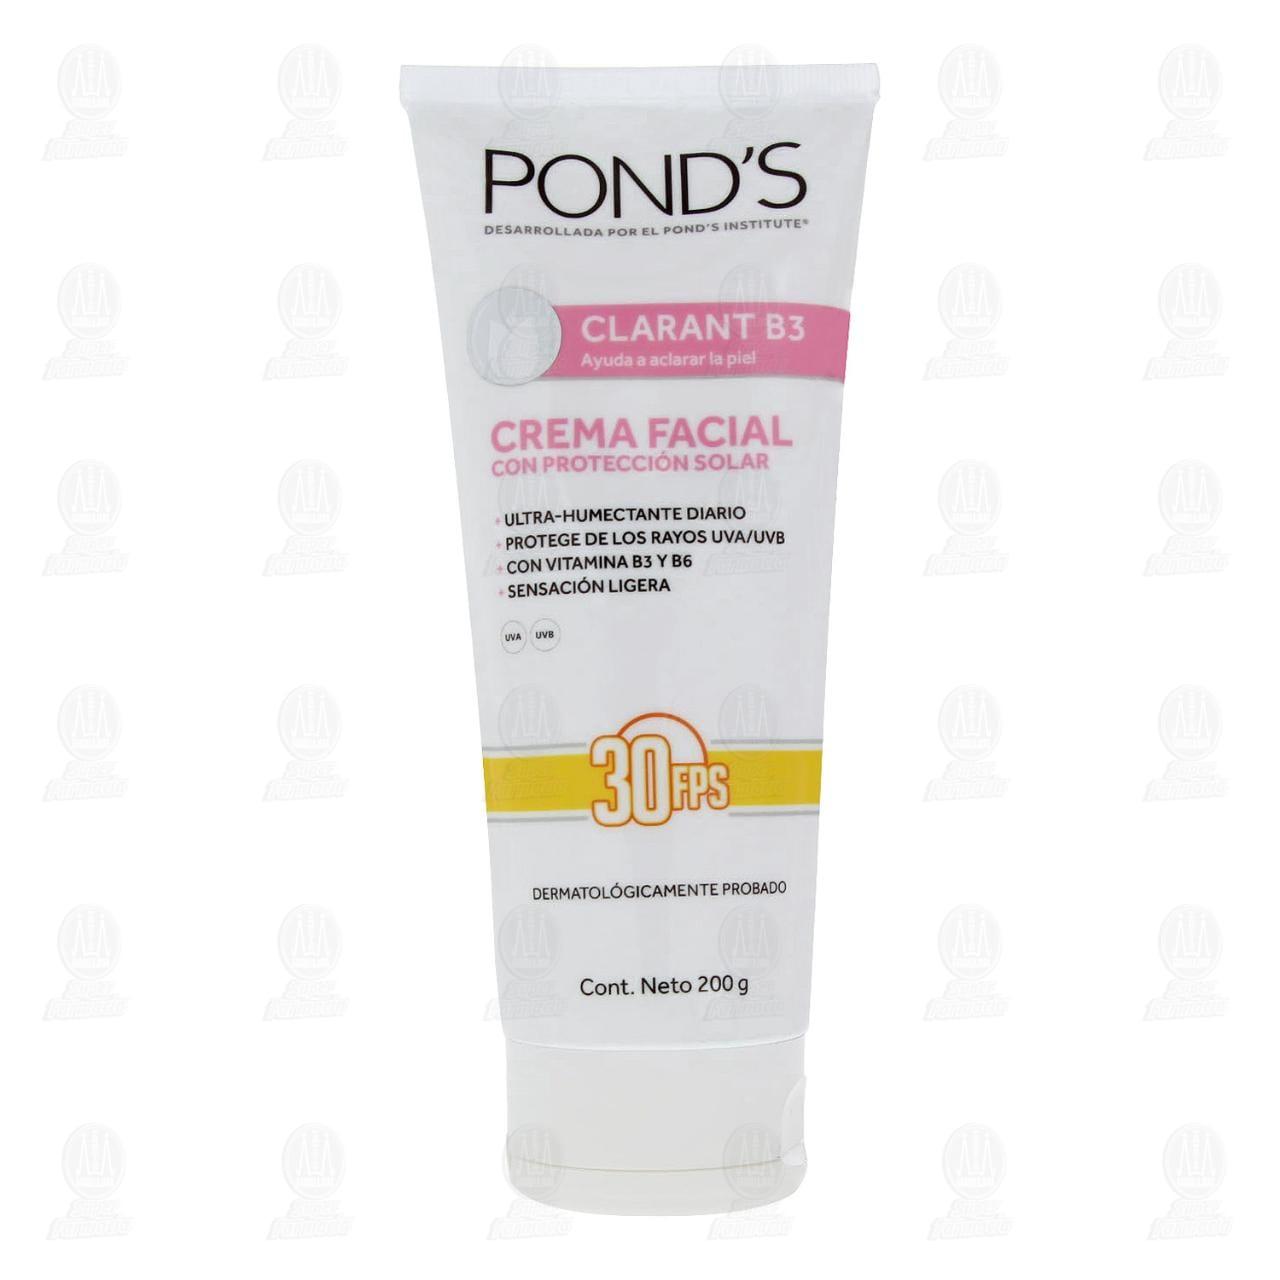 Comprar Crema Facial Pond's Clarant B3 con Protección Solar, 200 gr. en Farmacias Guadalajara